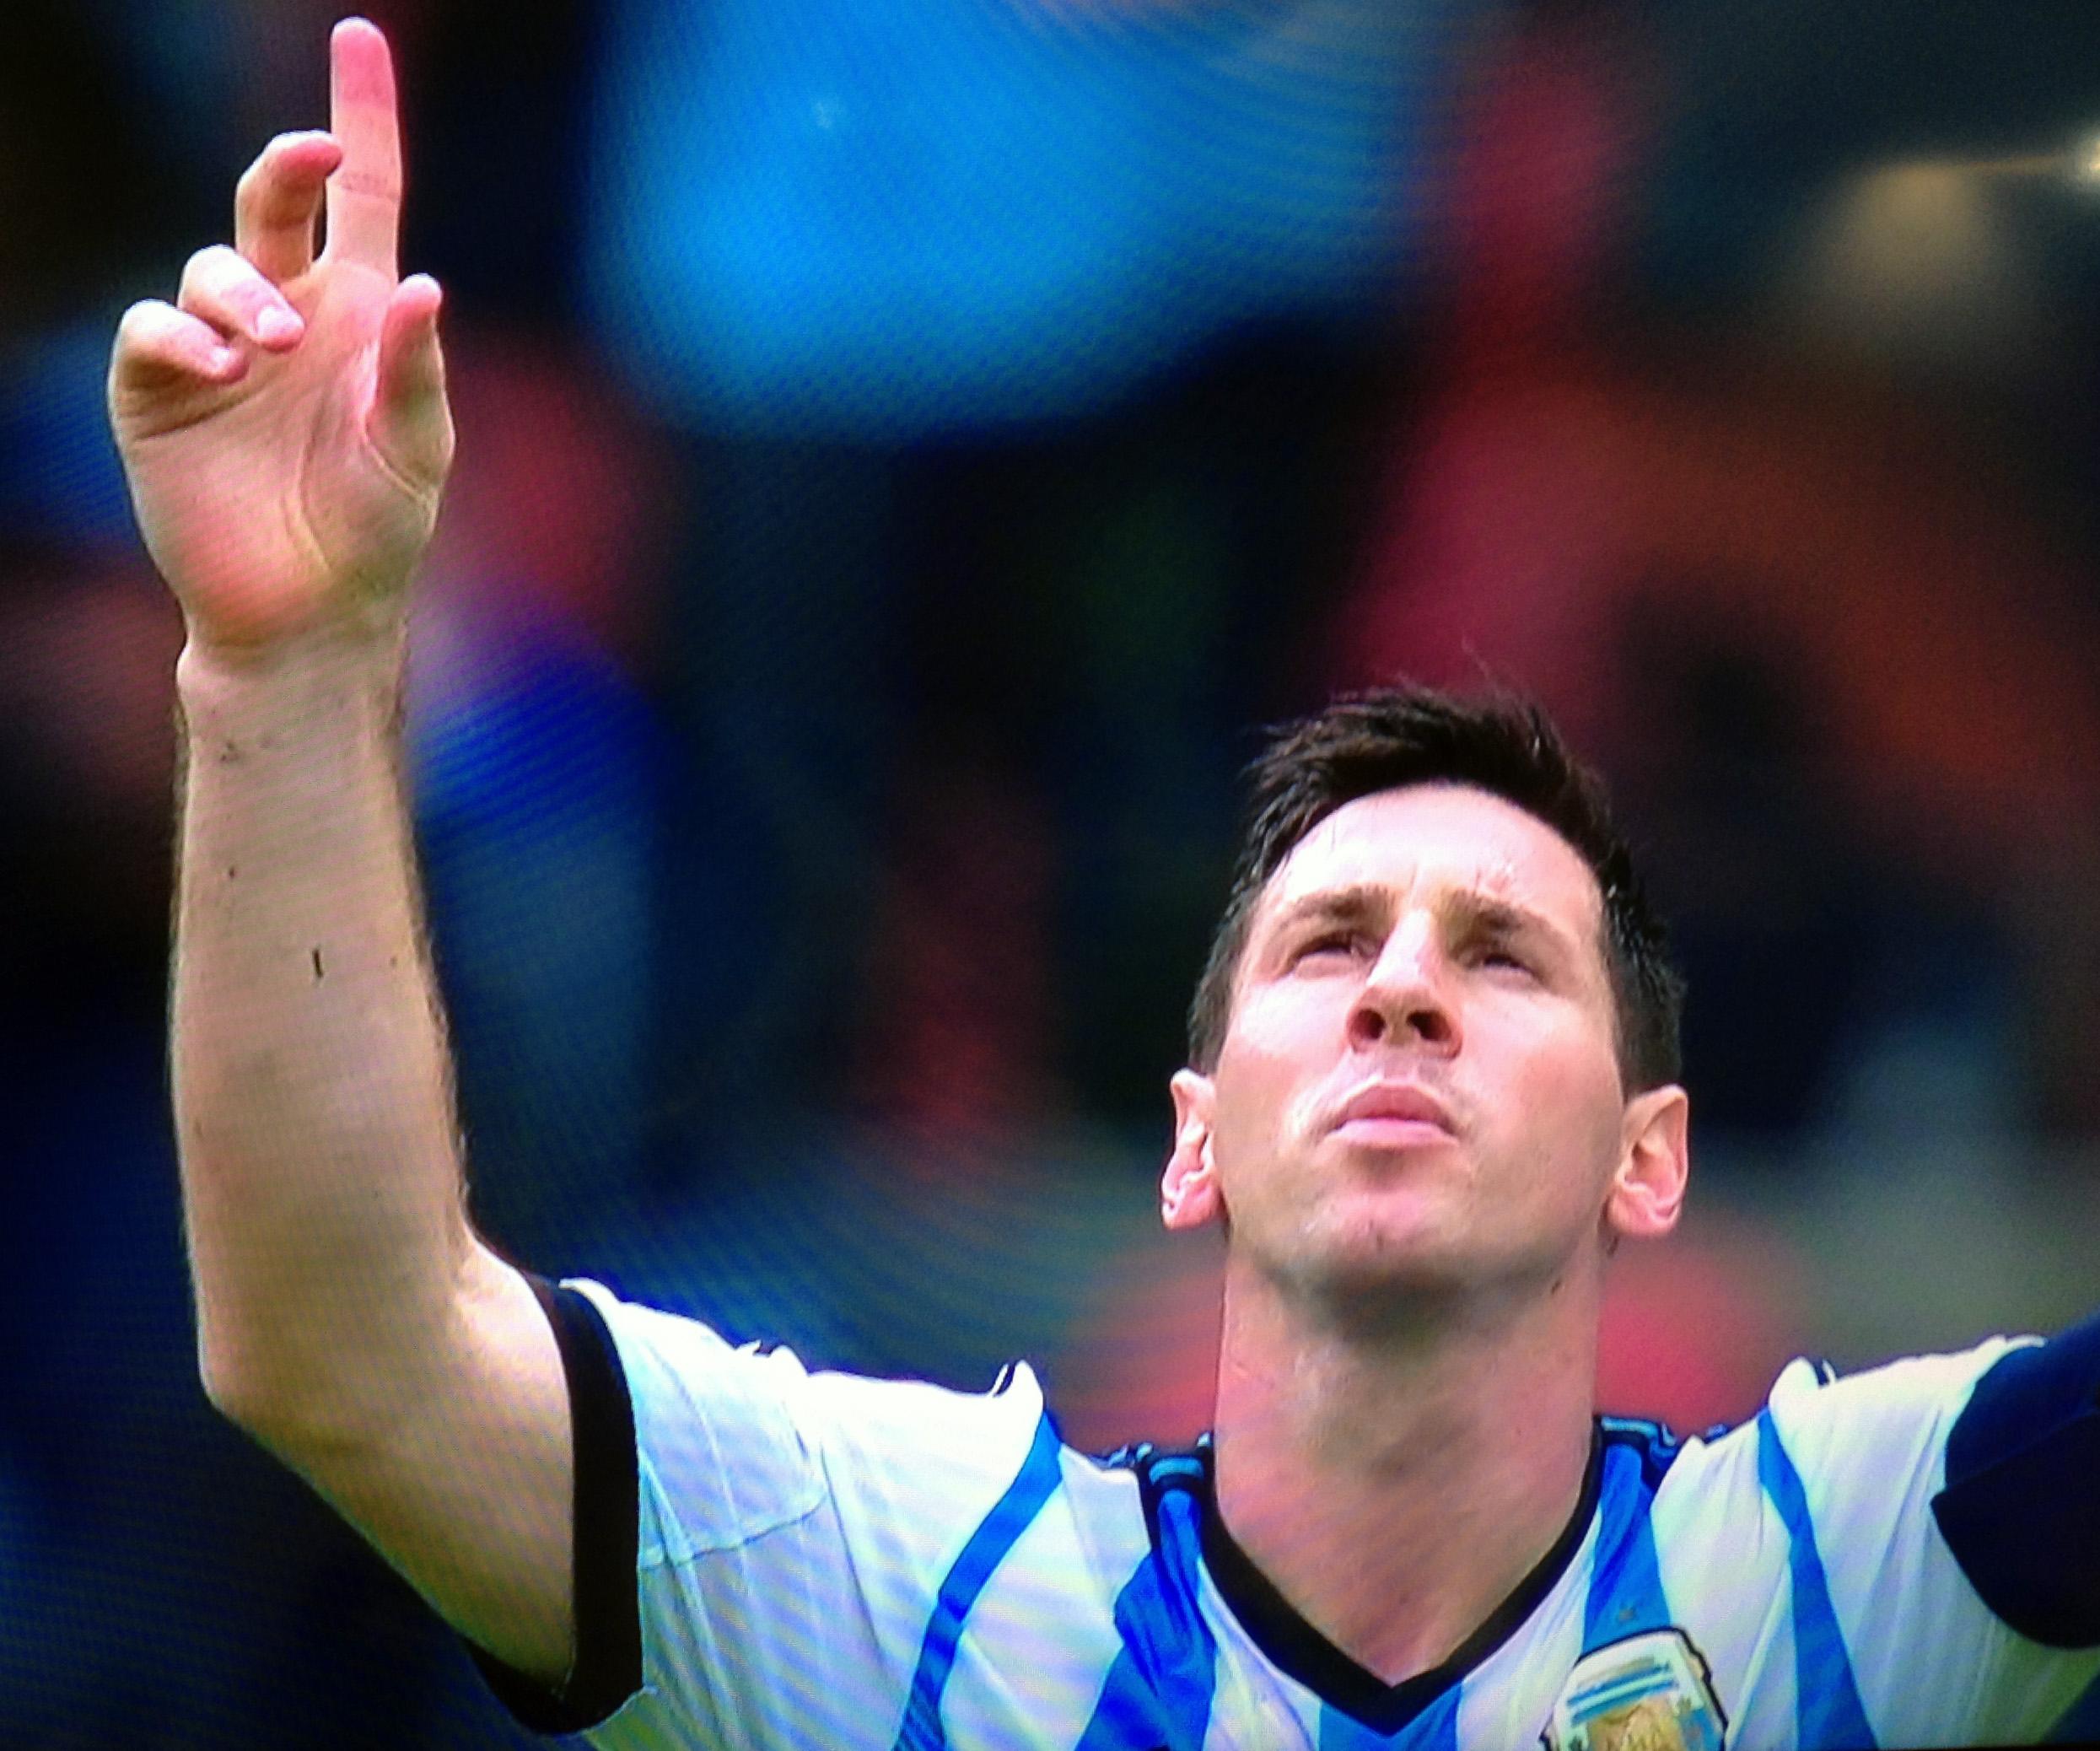 Lionel Messi celebra su segundo gol (su cuatro del Mundial Brasil 2014), en la victoria de Argentina ante Nigeria por 3-2 en el Estadio Beira-Rio, en Porto Alegre, el 25 de junio de 2014.